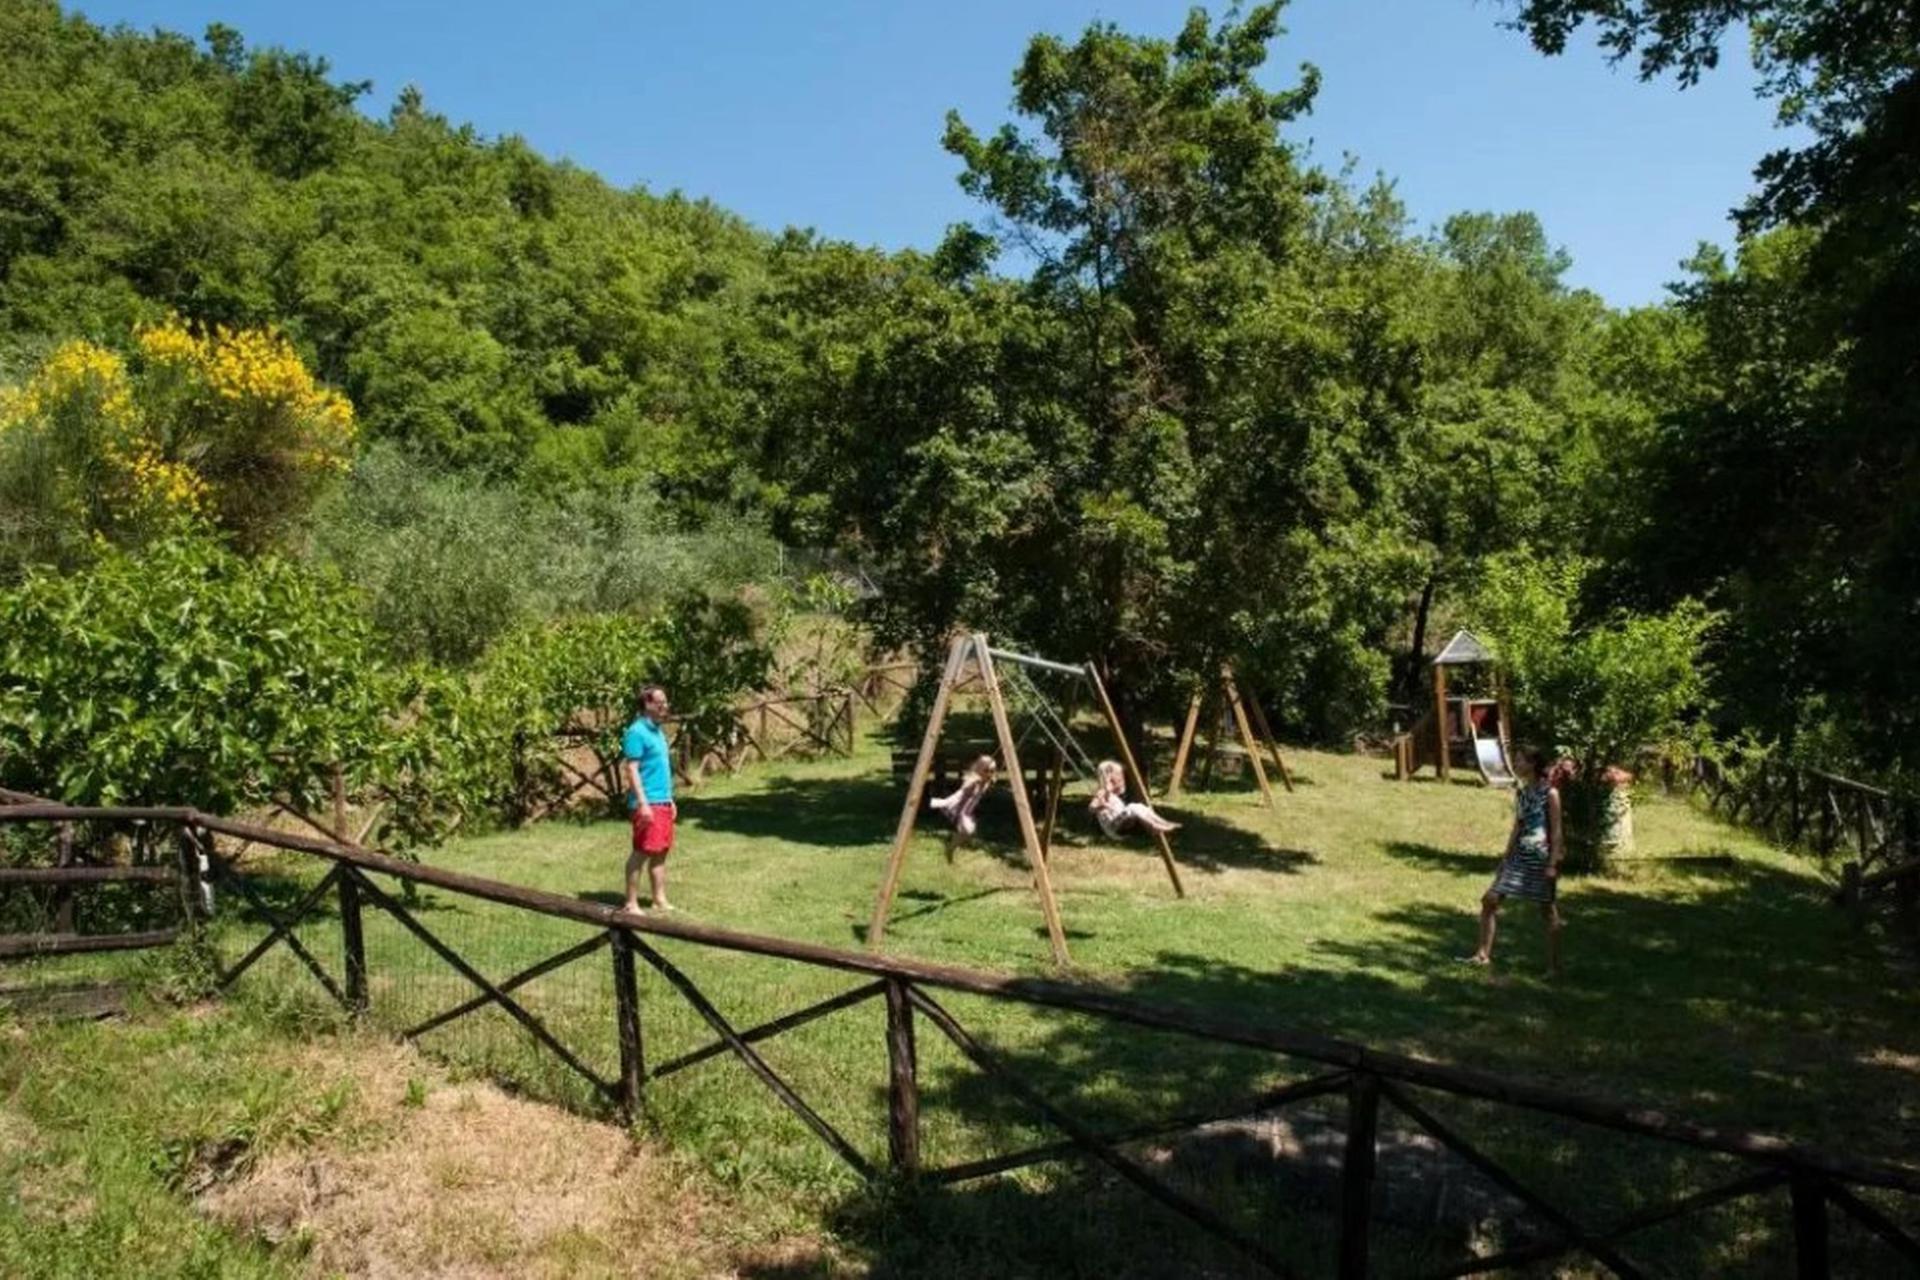 Agriturismo Marche Agriturismo nelle Marche, ospitale e adatto ai bambini